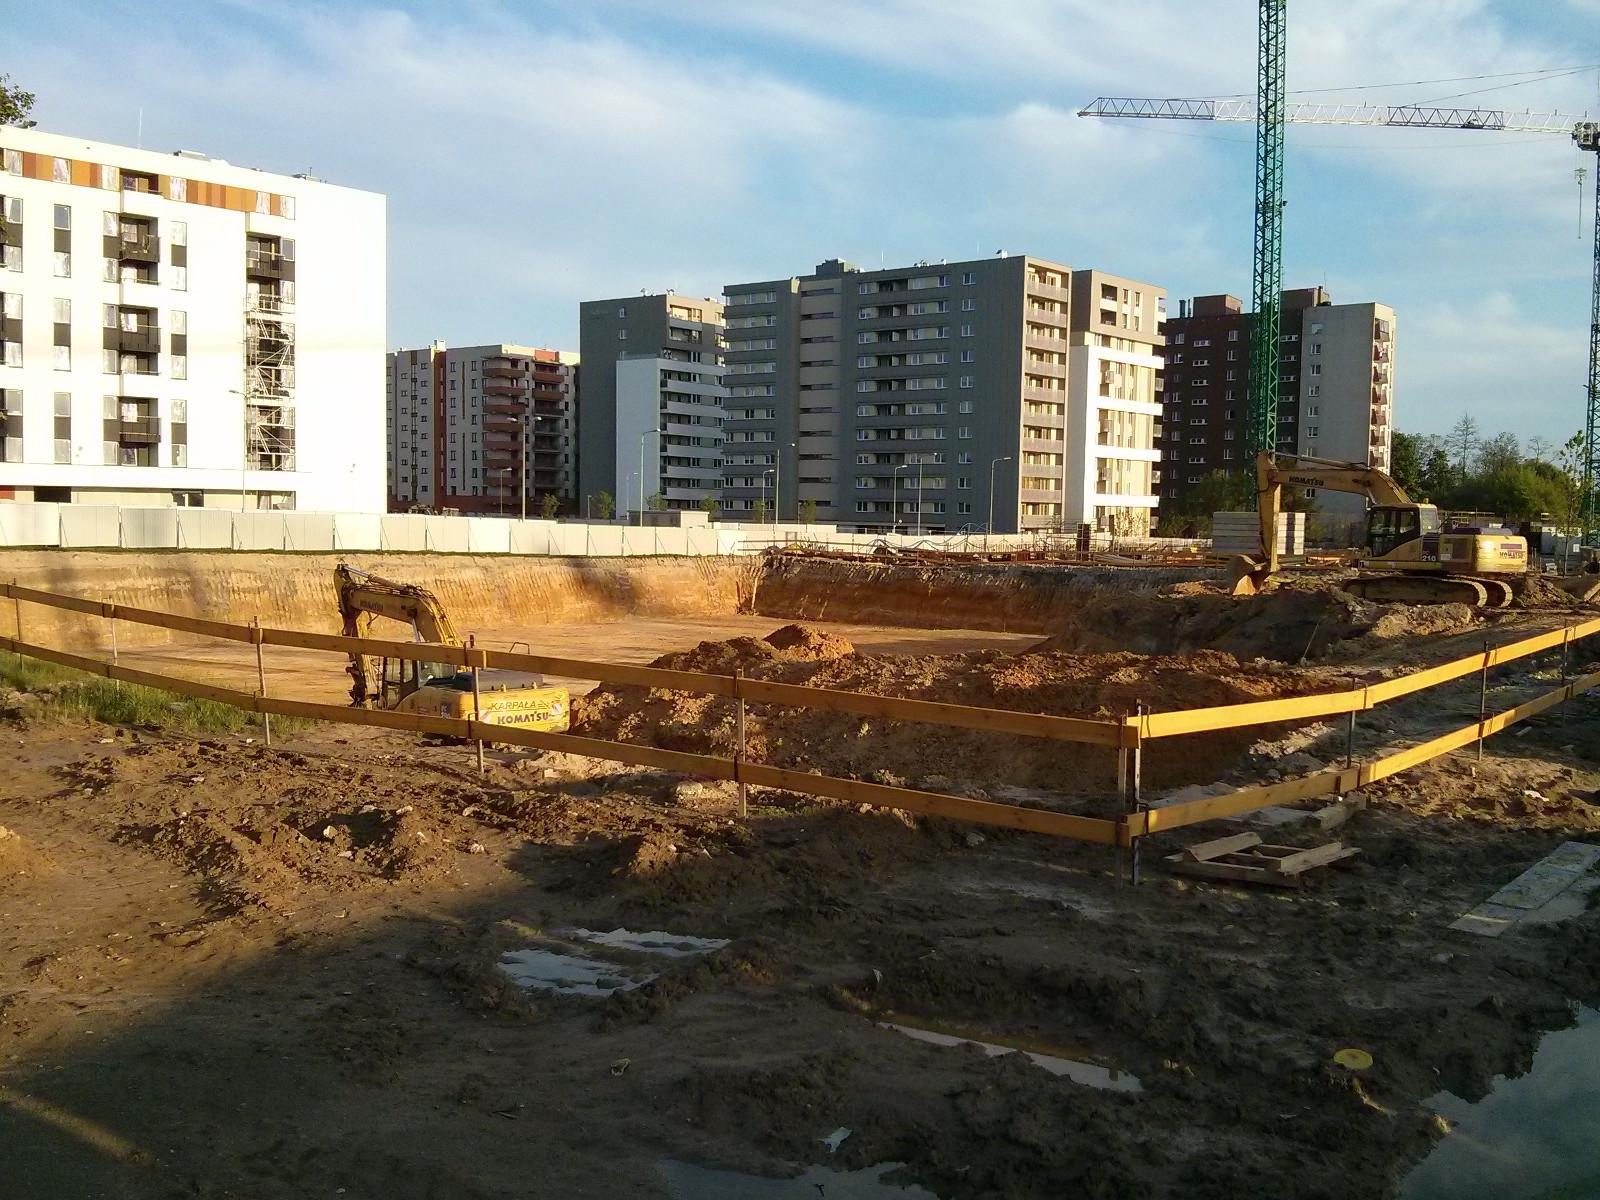 Avia 3 - na miejscu tego wykopu powstaną tanie mieszkania w Krakowie